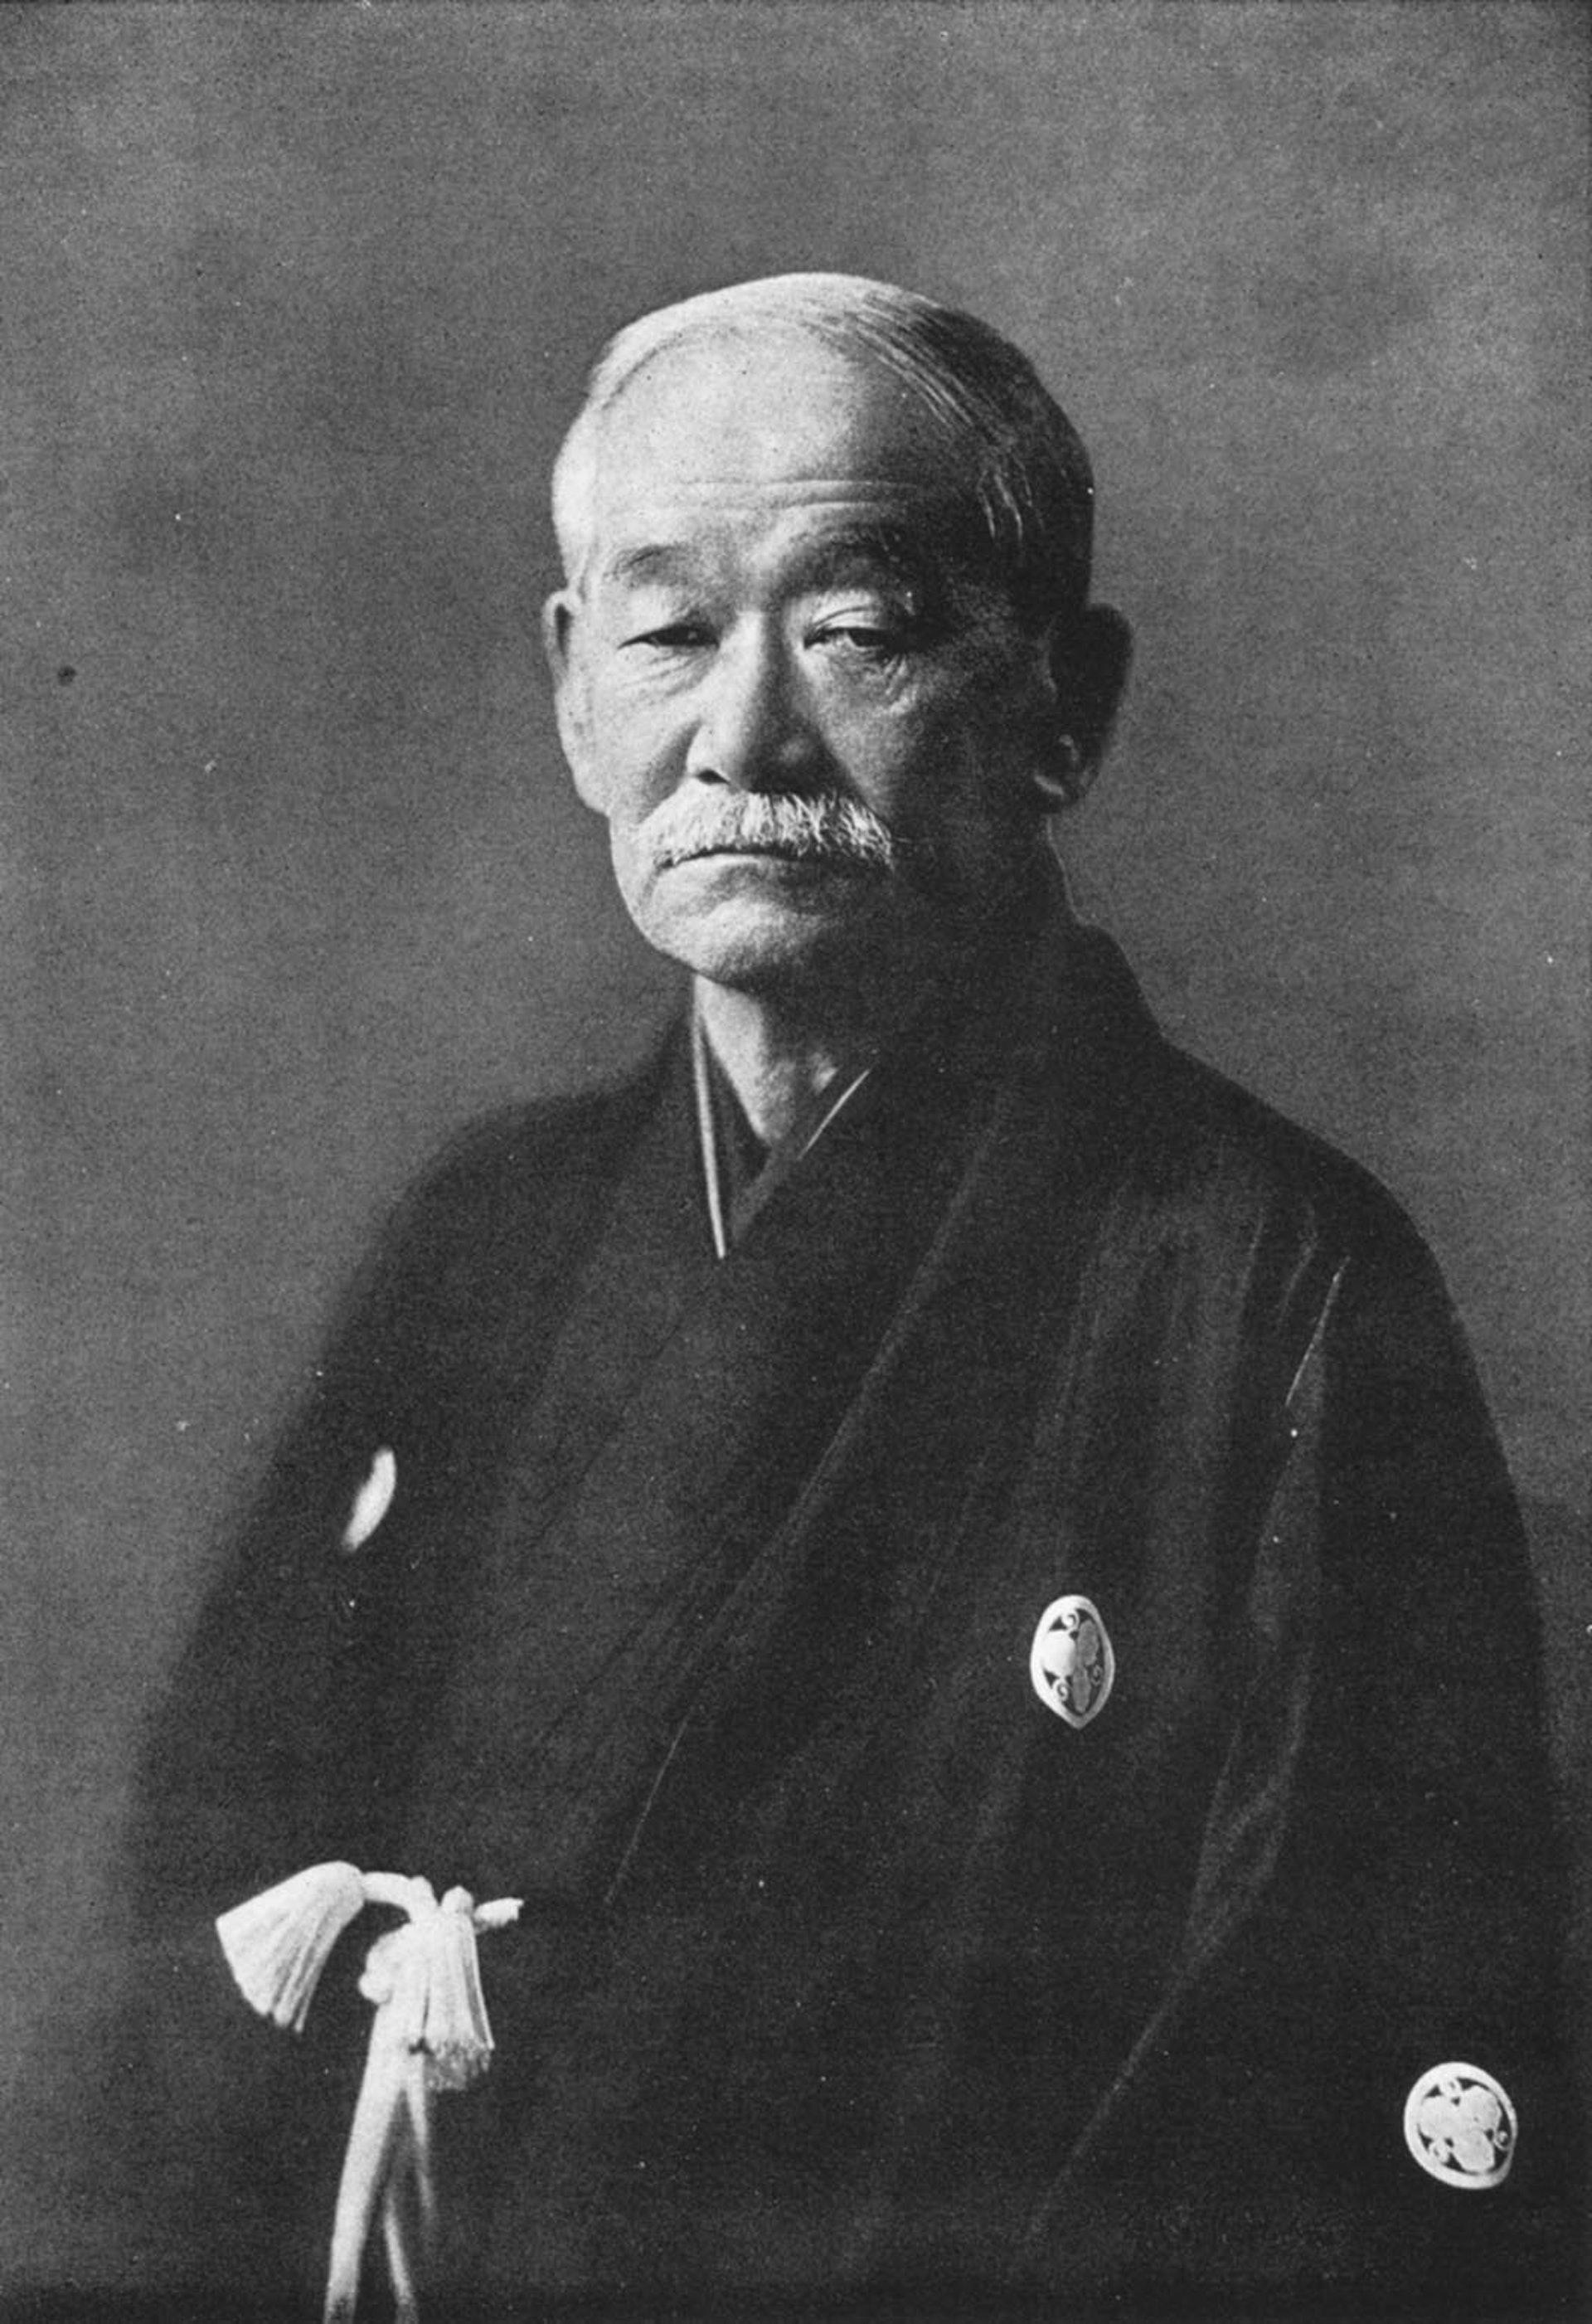 柔道的創始人——嘉納治五郎,他不僅是「柔道之父」,更是一名教育家,致力推廣教育及運動,更被譽為「日本之體育之父」。(網上圖片)